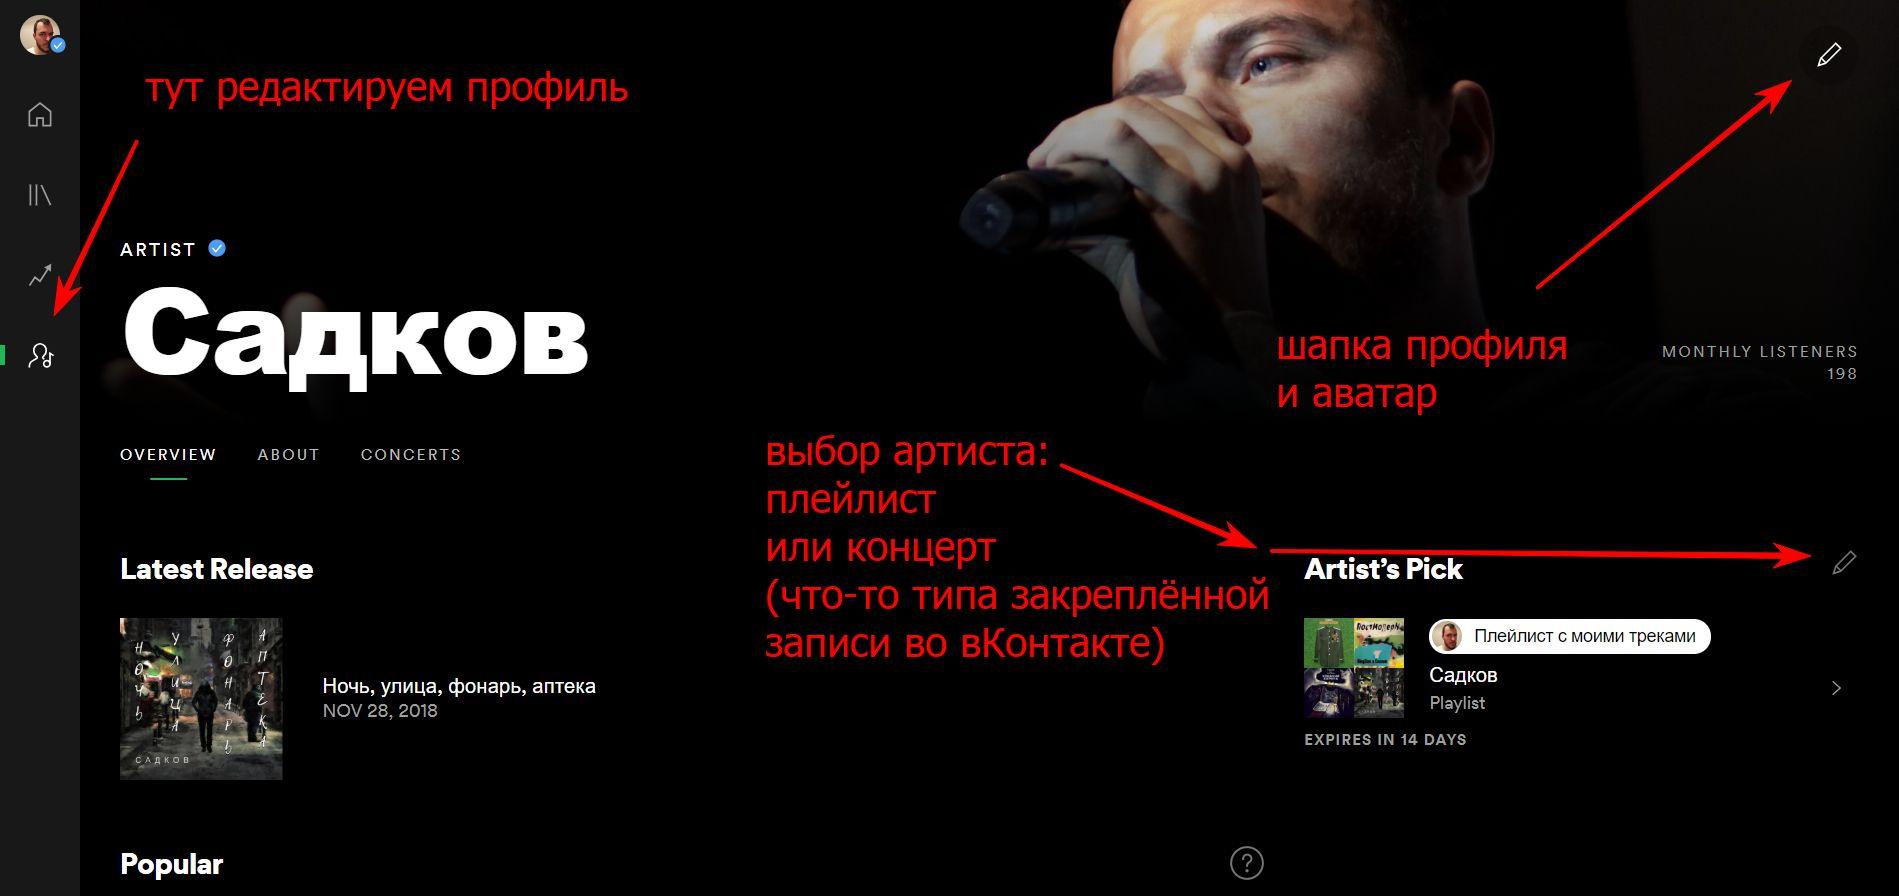 Редактируем профиль артиста